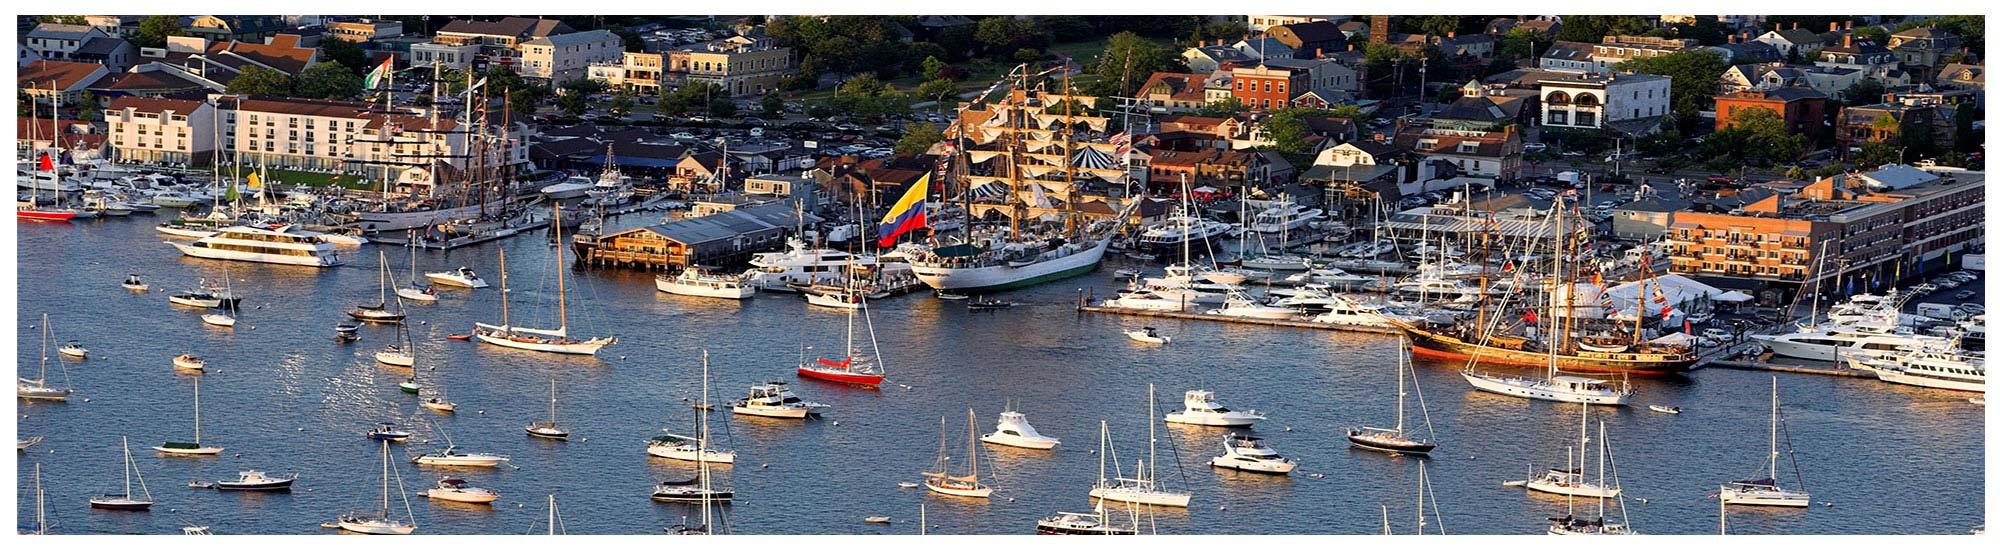 https://i2.wp.com/www.destinationnewport.com/boating/images/boatingheader.jpg